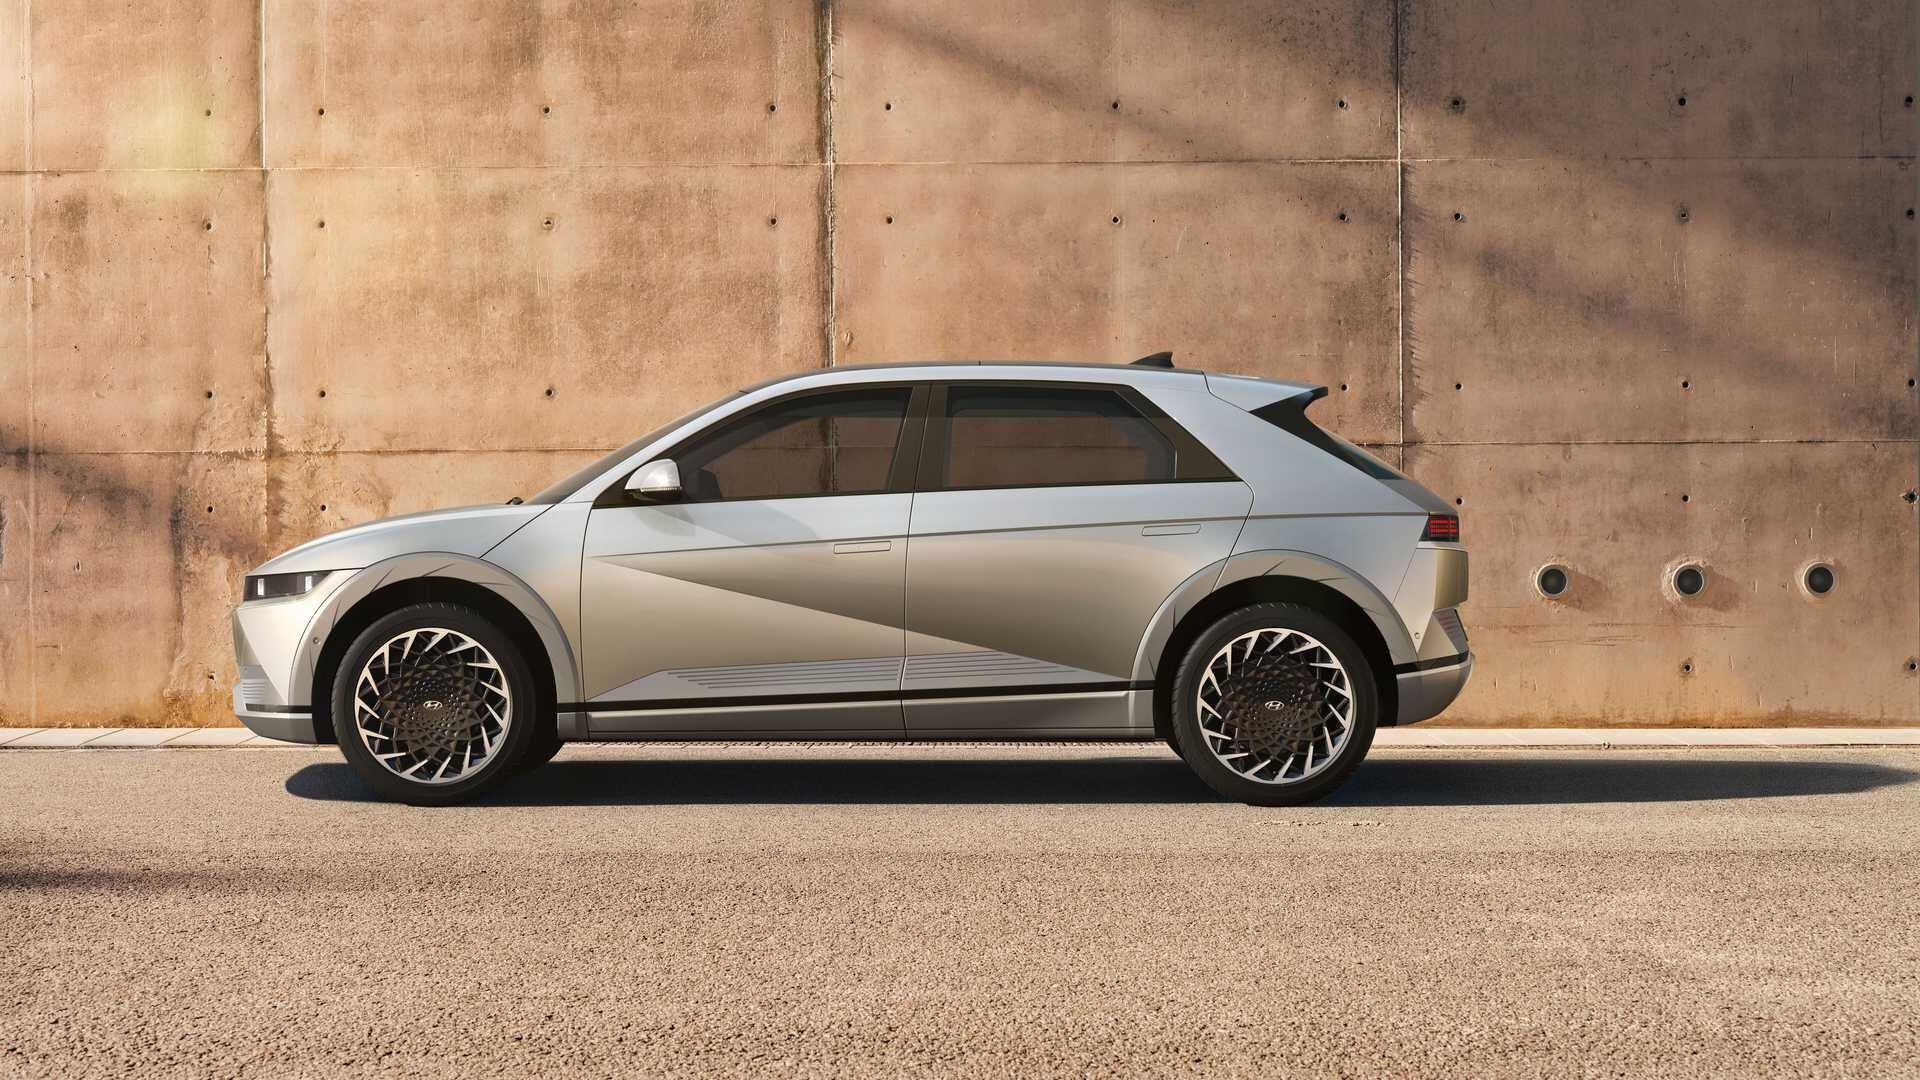 Первый массовый электромобиль Hyundai: эффектный ретродизайн и огромная колесная база